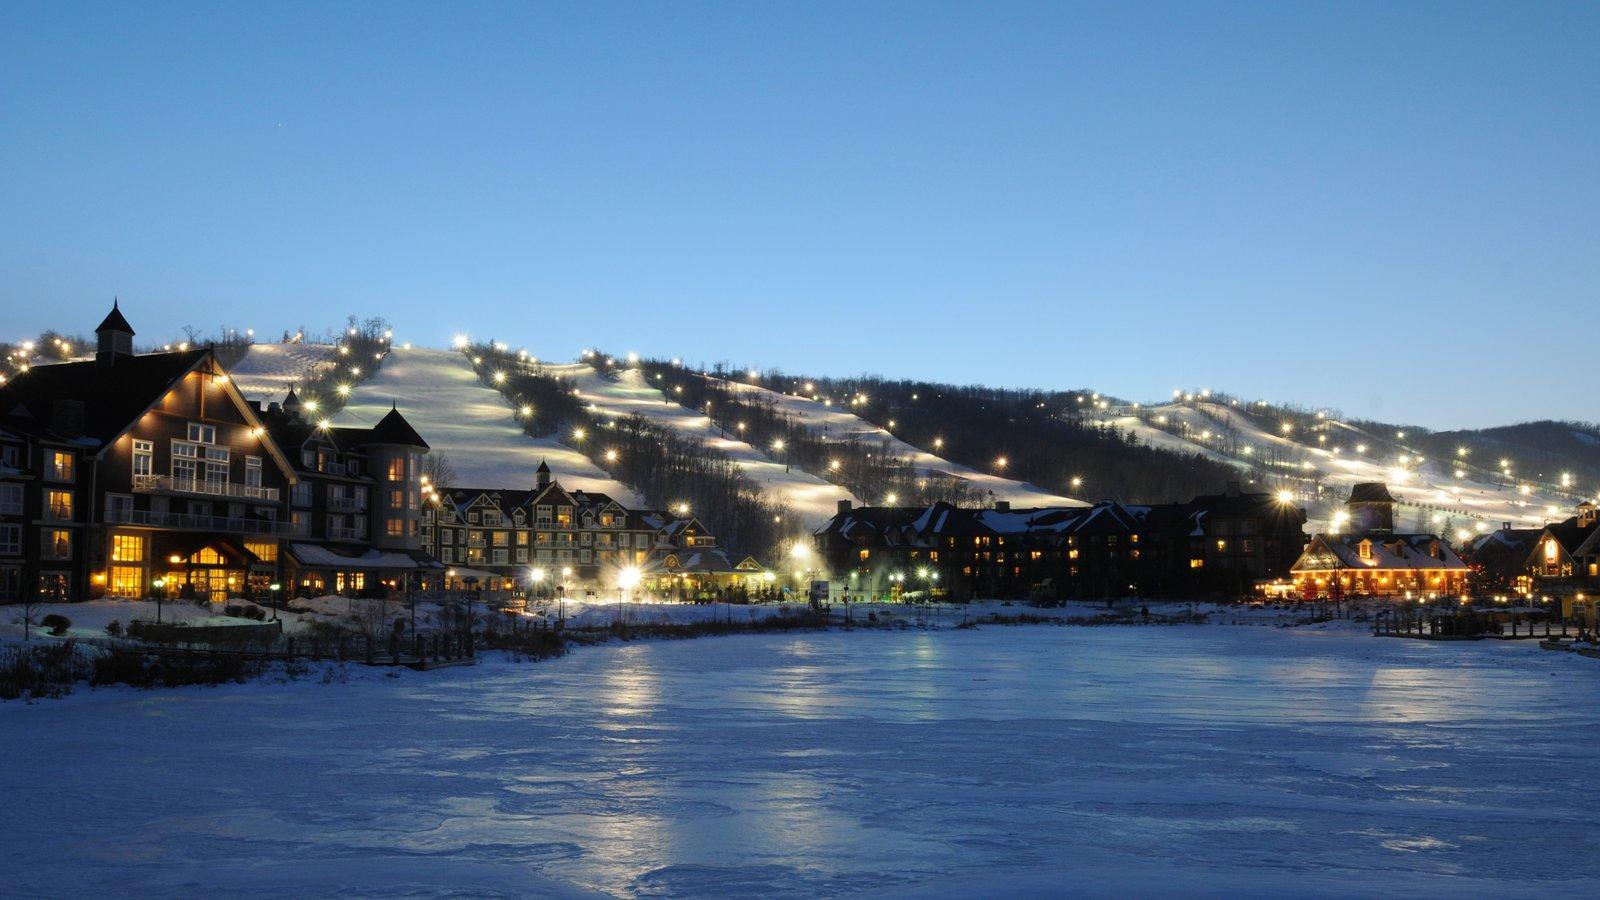 Blue Mountain Ski Resort caracterizando uma cidade pequena ou vila, cenas noturnas e neve